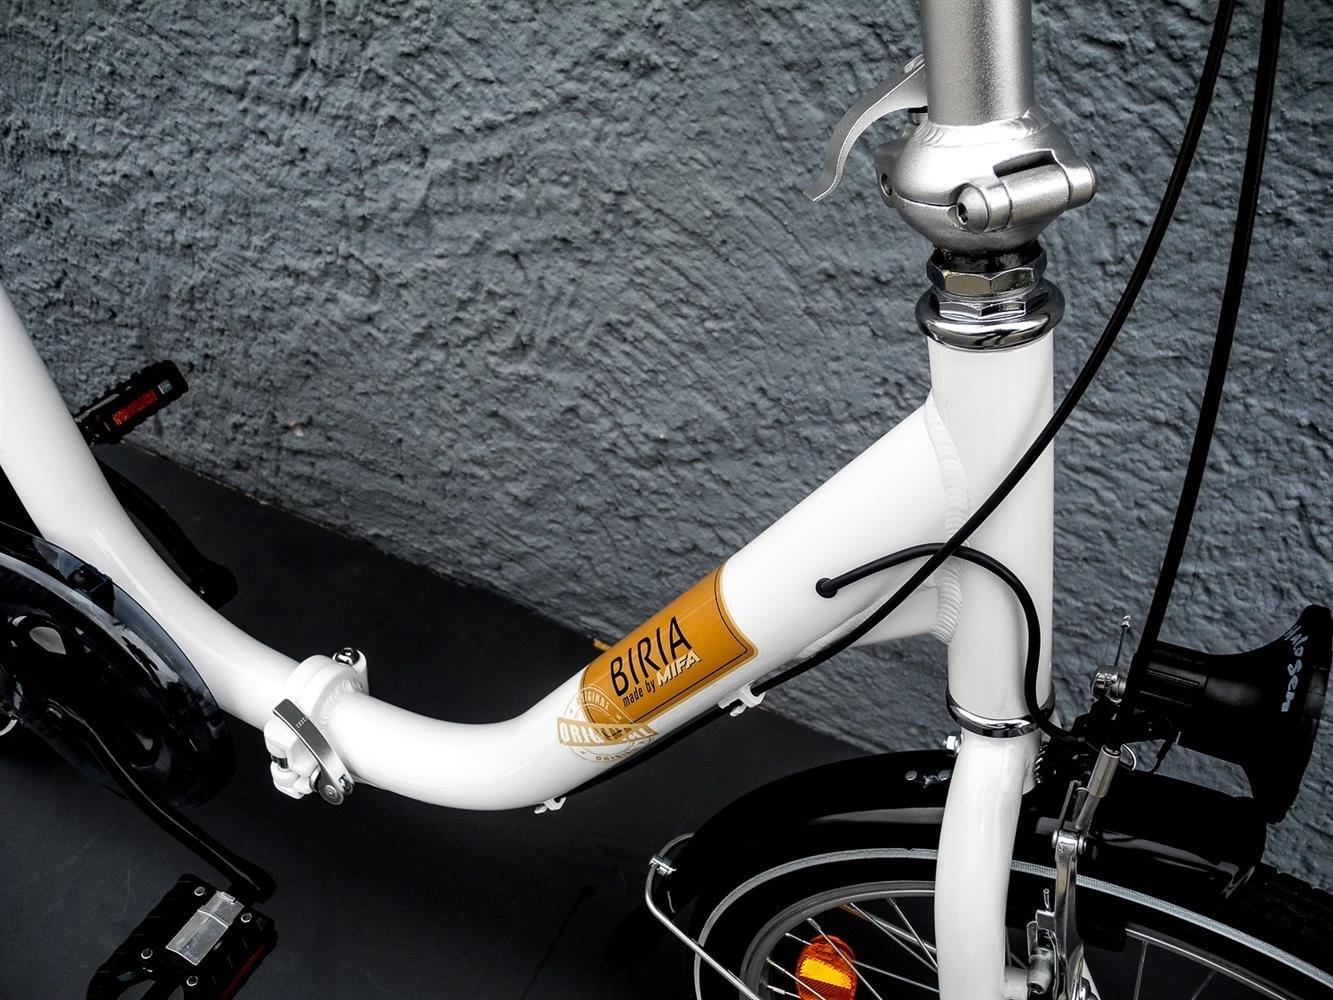 Shimano Folding Bike - Bicicleta eléctrica plegable (20 pulgadas, aluminio), color blanco: Amazon.es: Deportes y aire libre